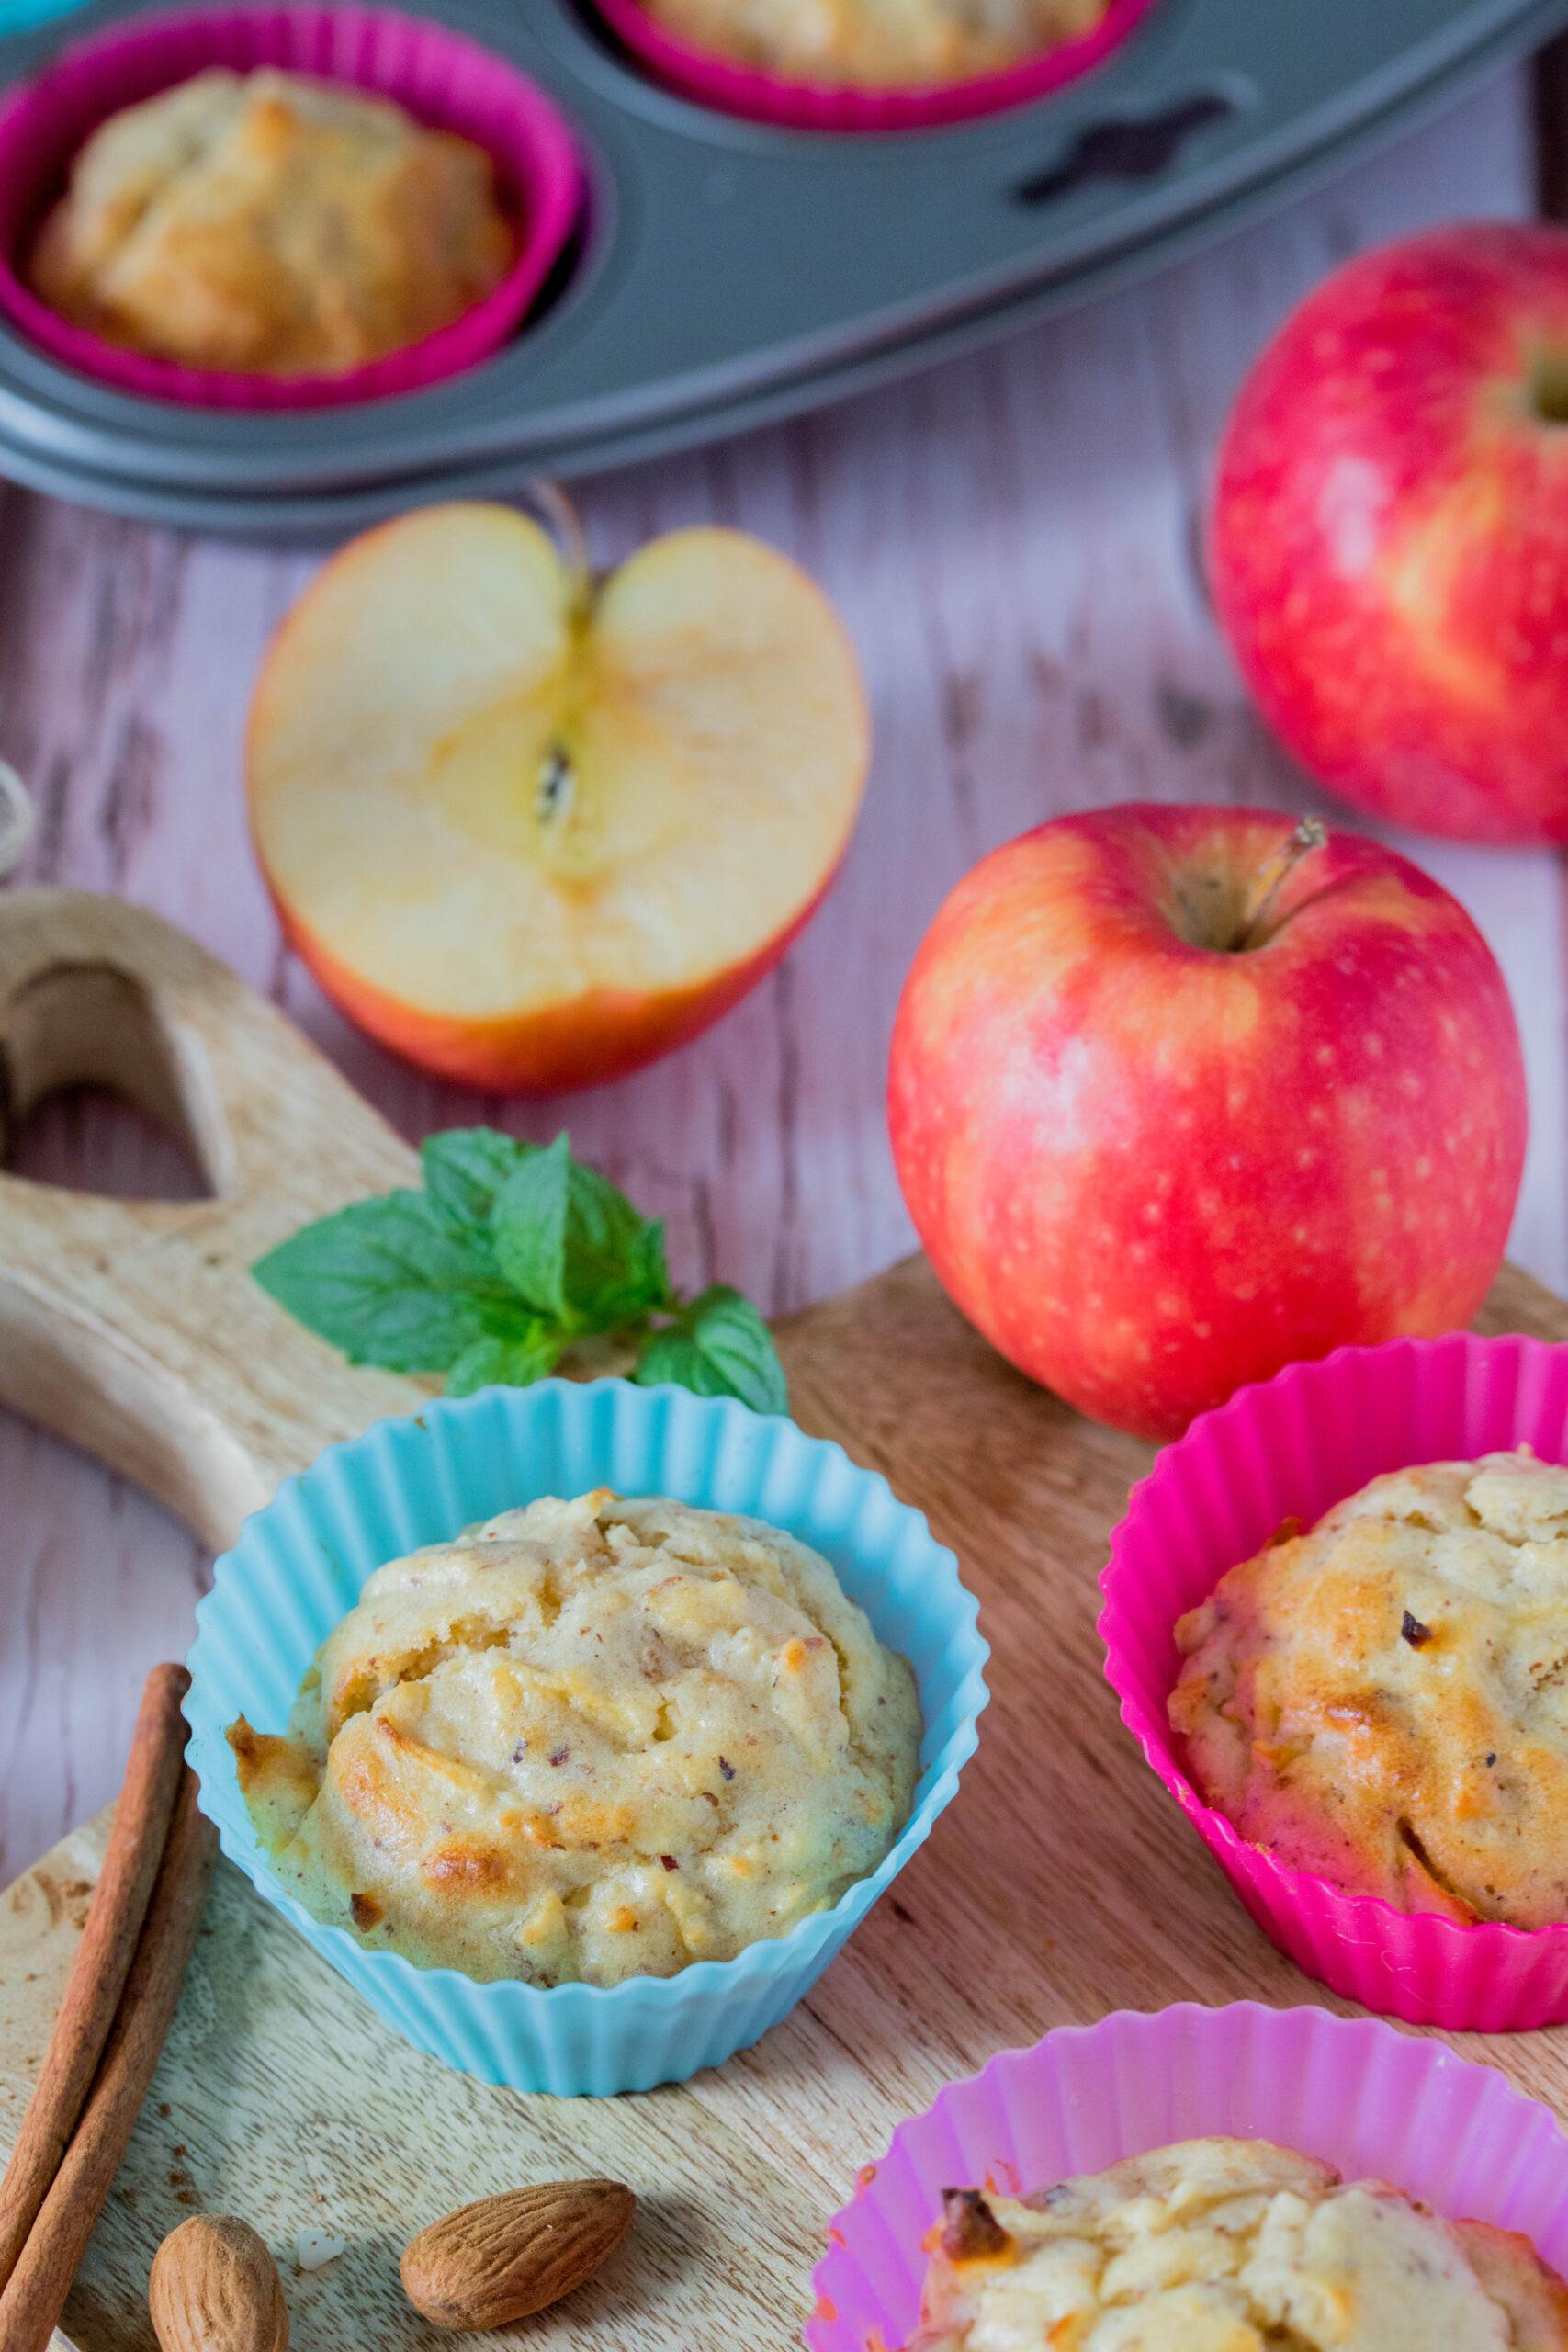 Gesund, einfach und lecker: Apfel-Nuss Muffins für Kinder